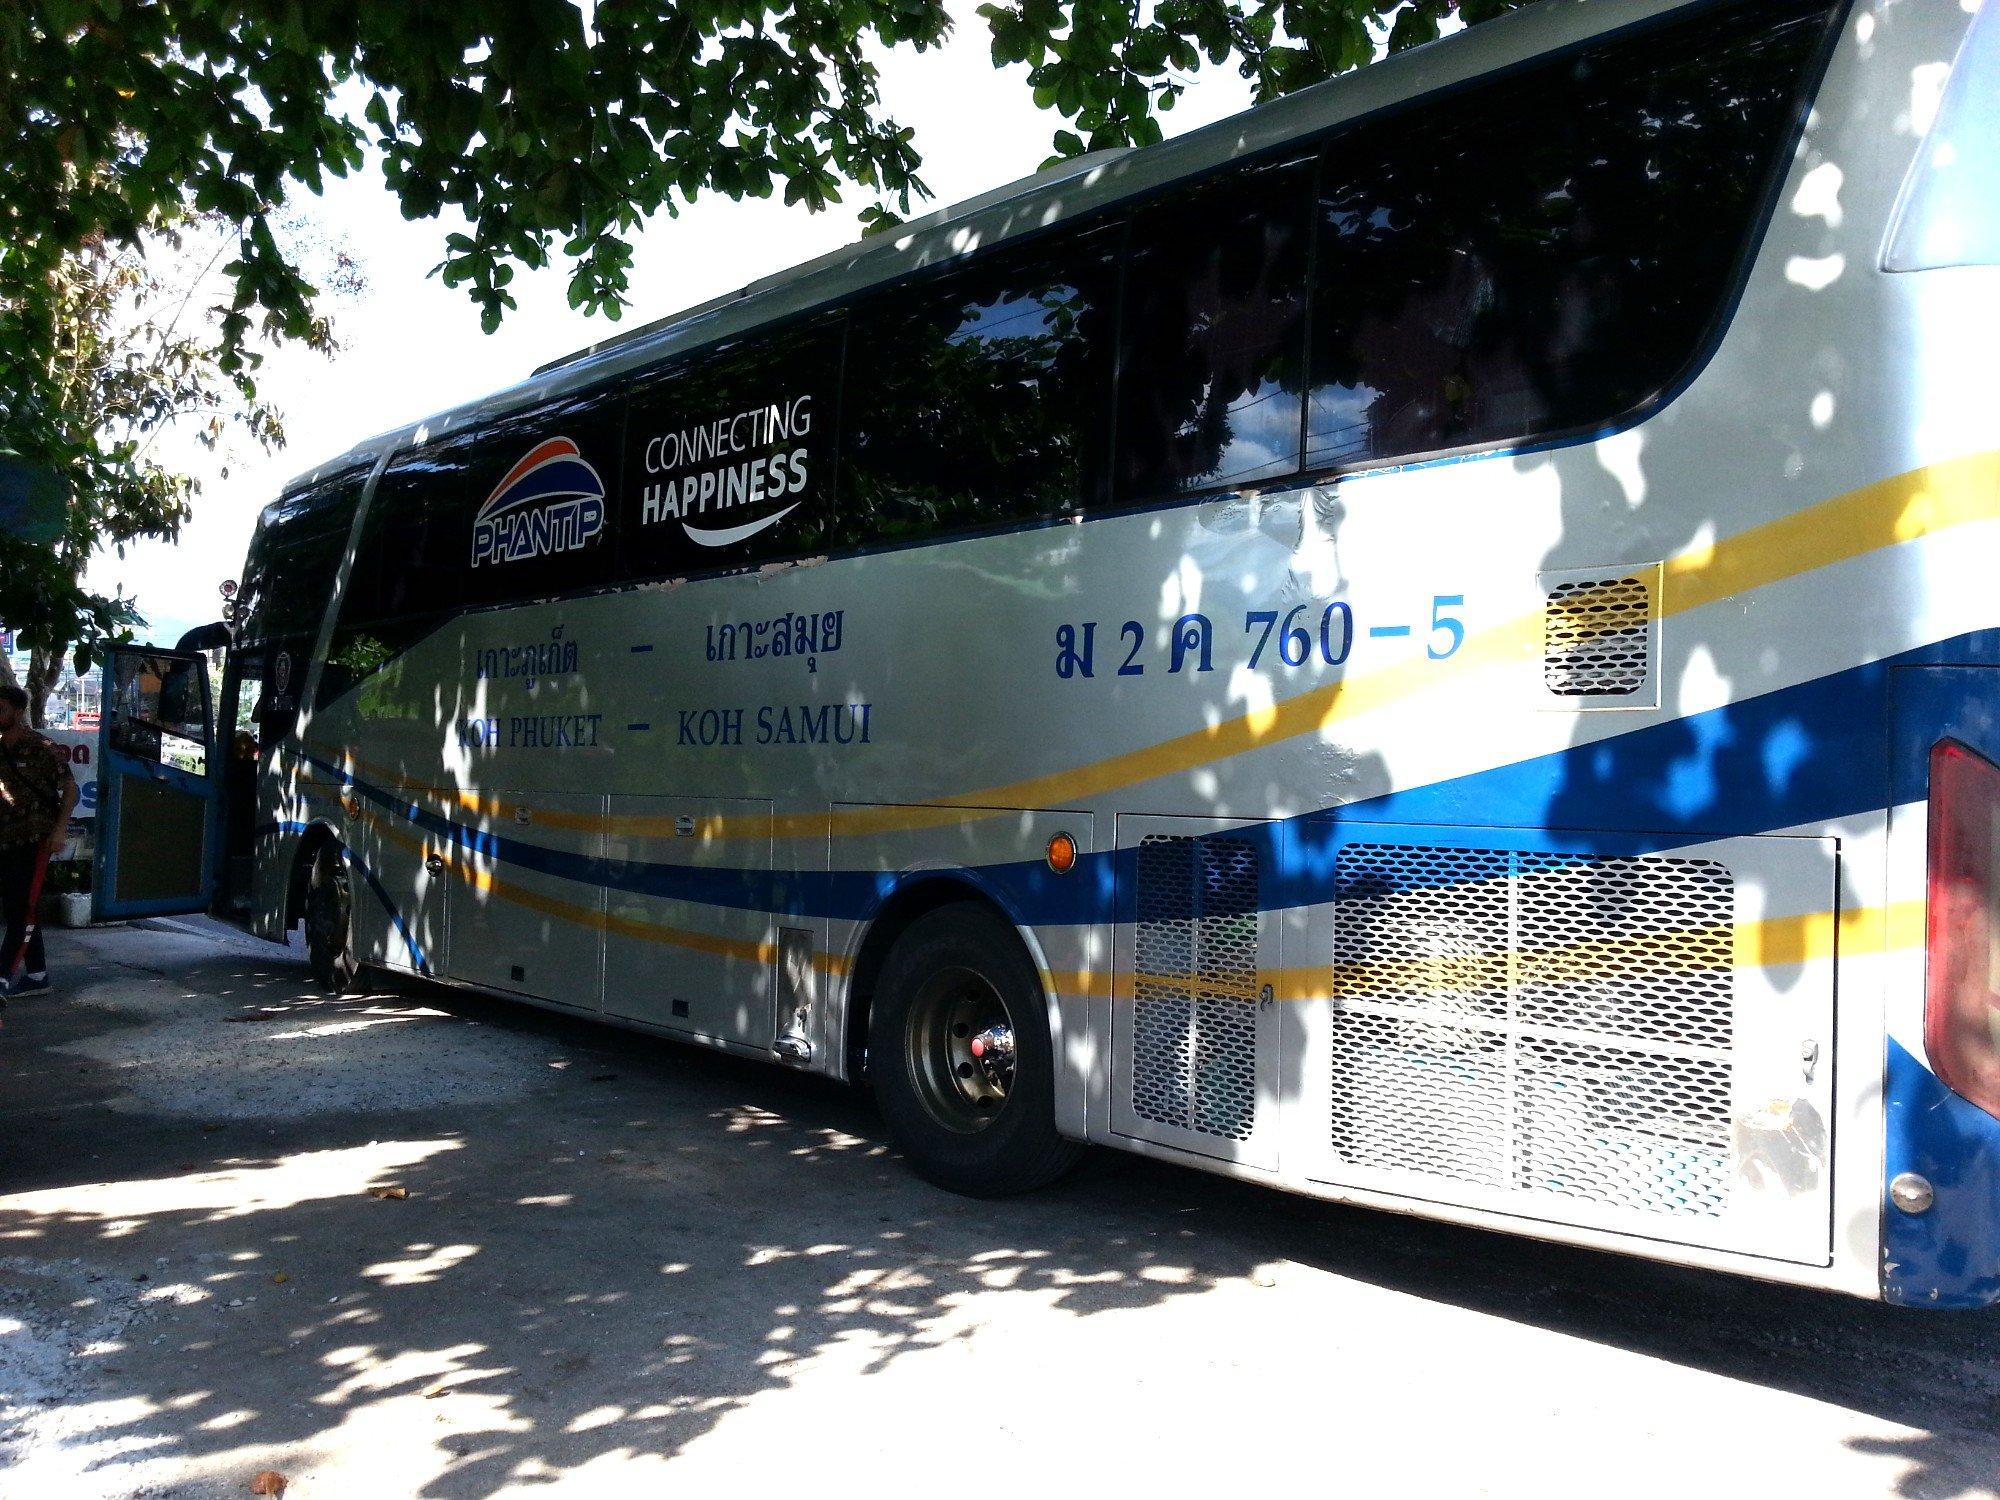 Phantip bus to Surat Thani